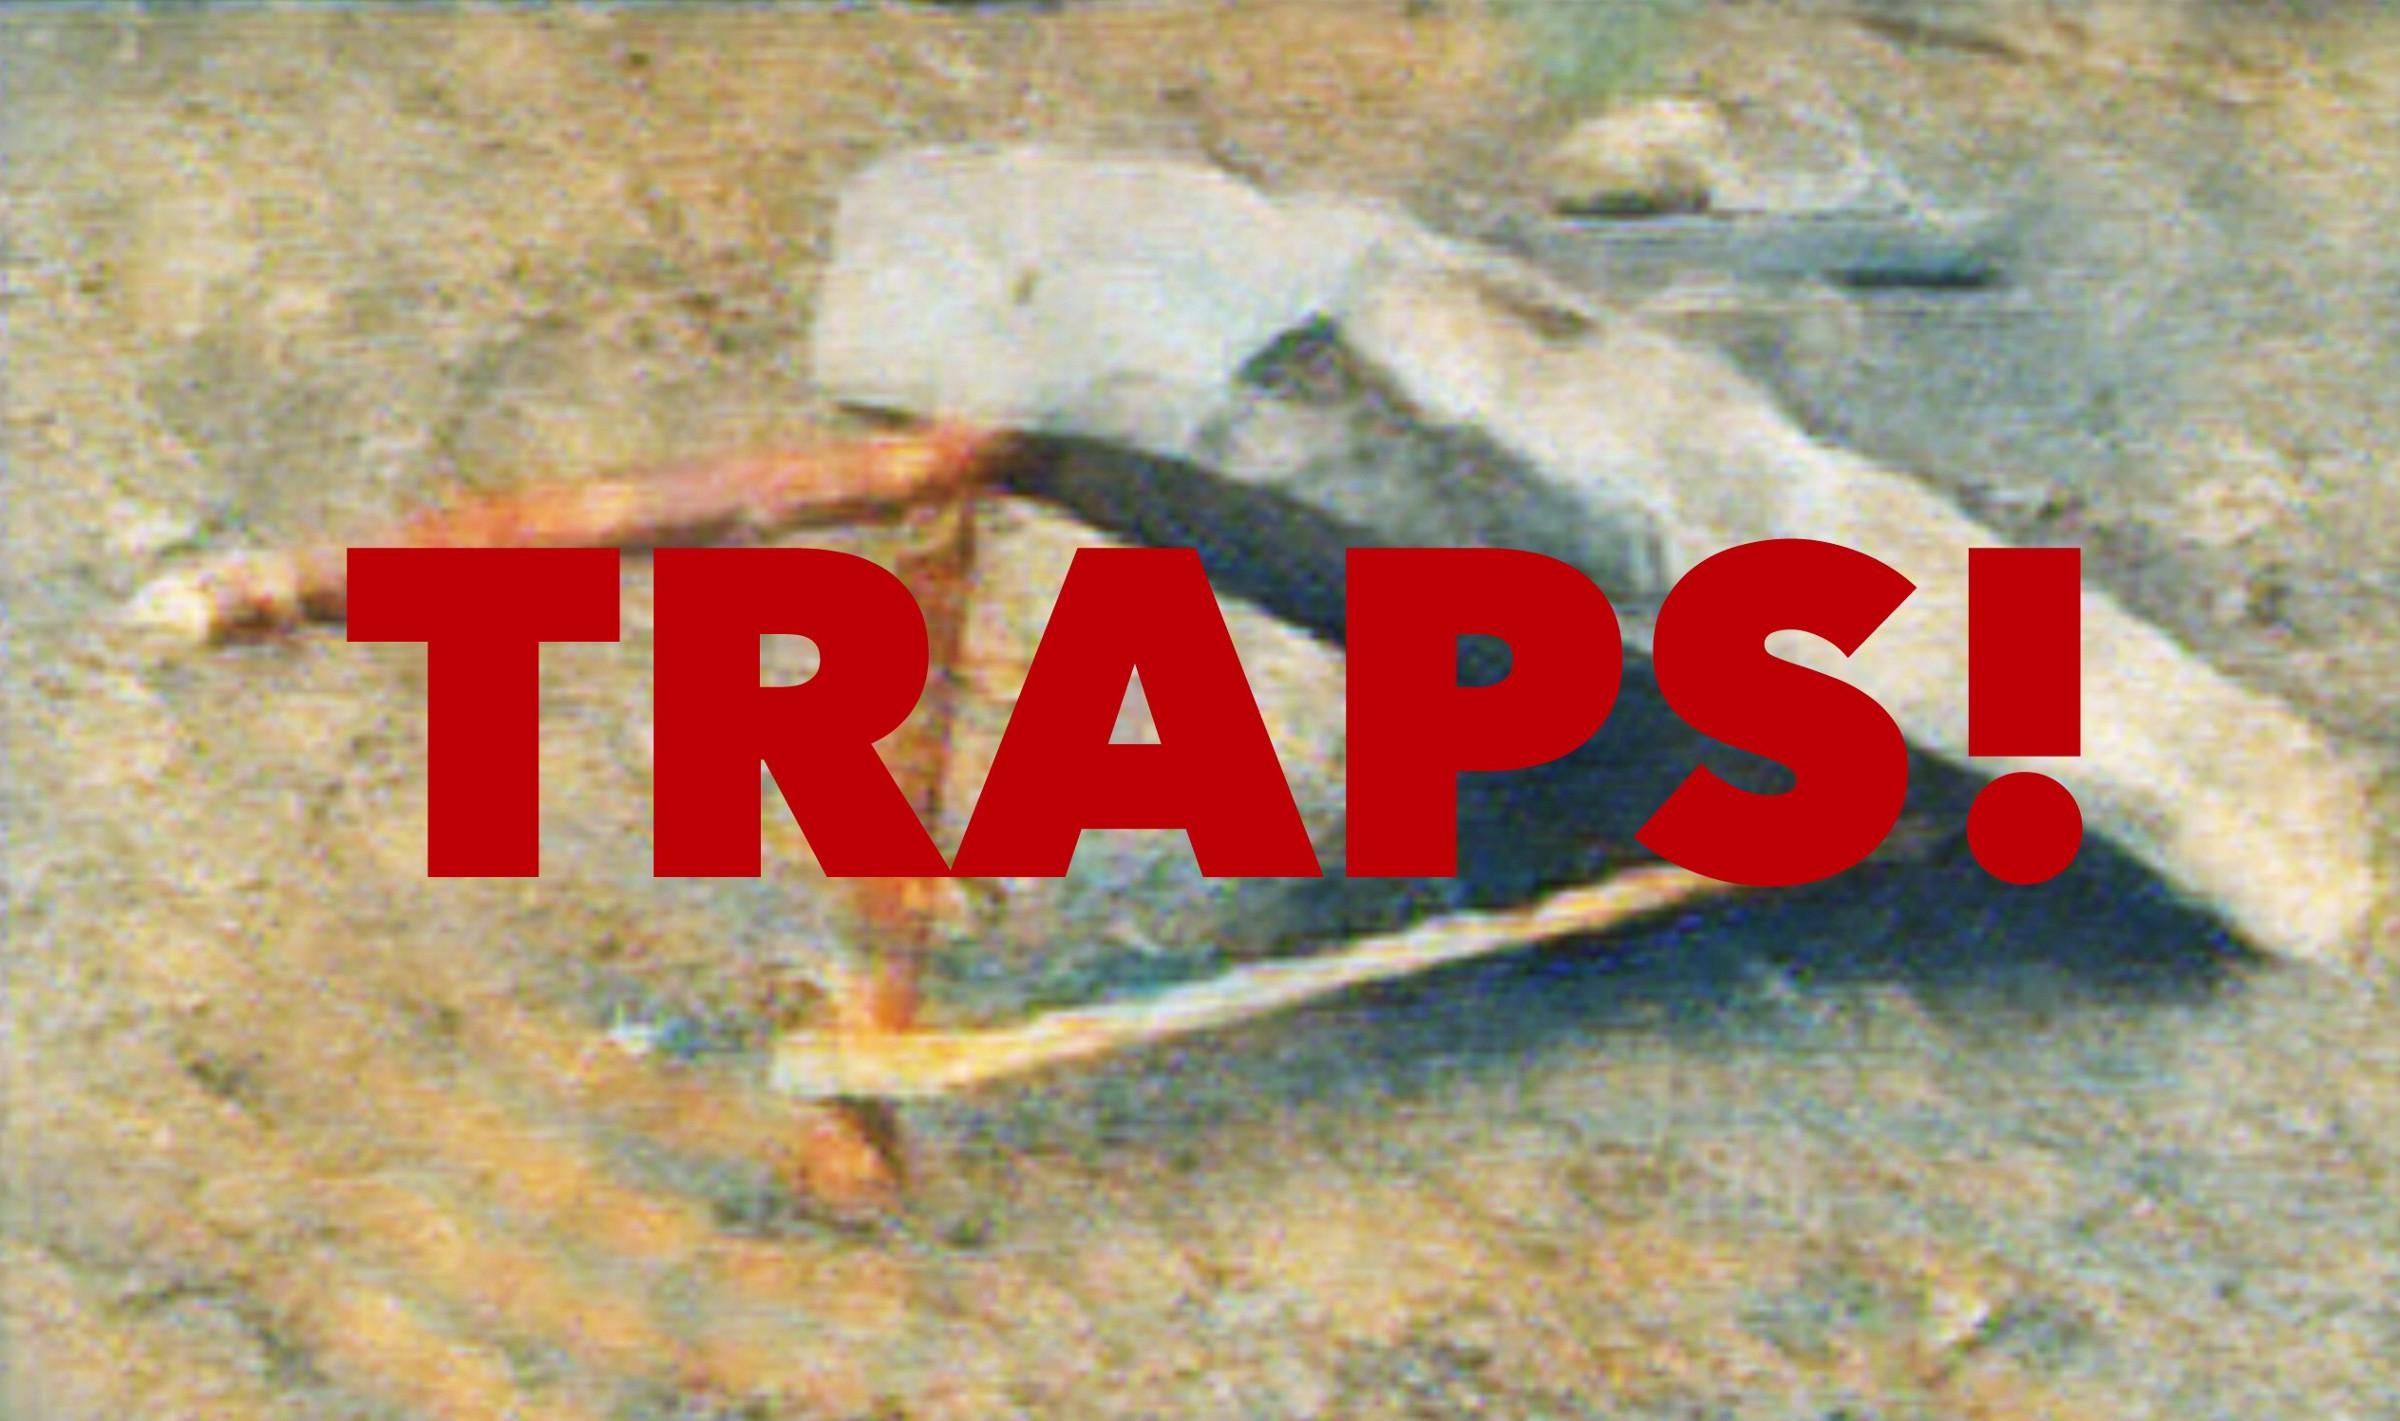 /10-product-development-traps-2de02bc358bd feature image